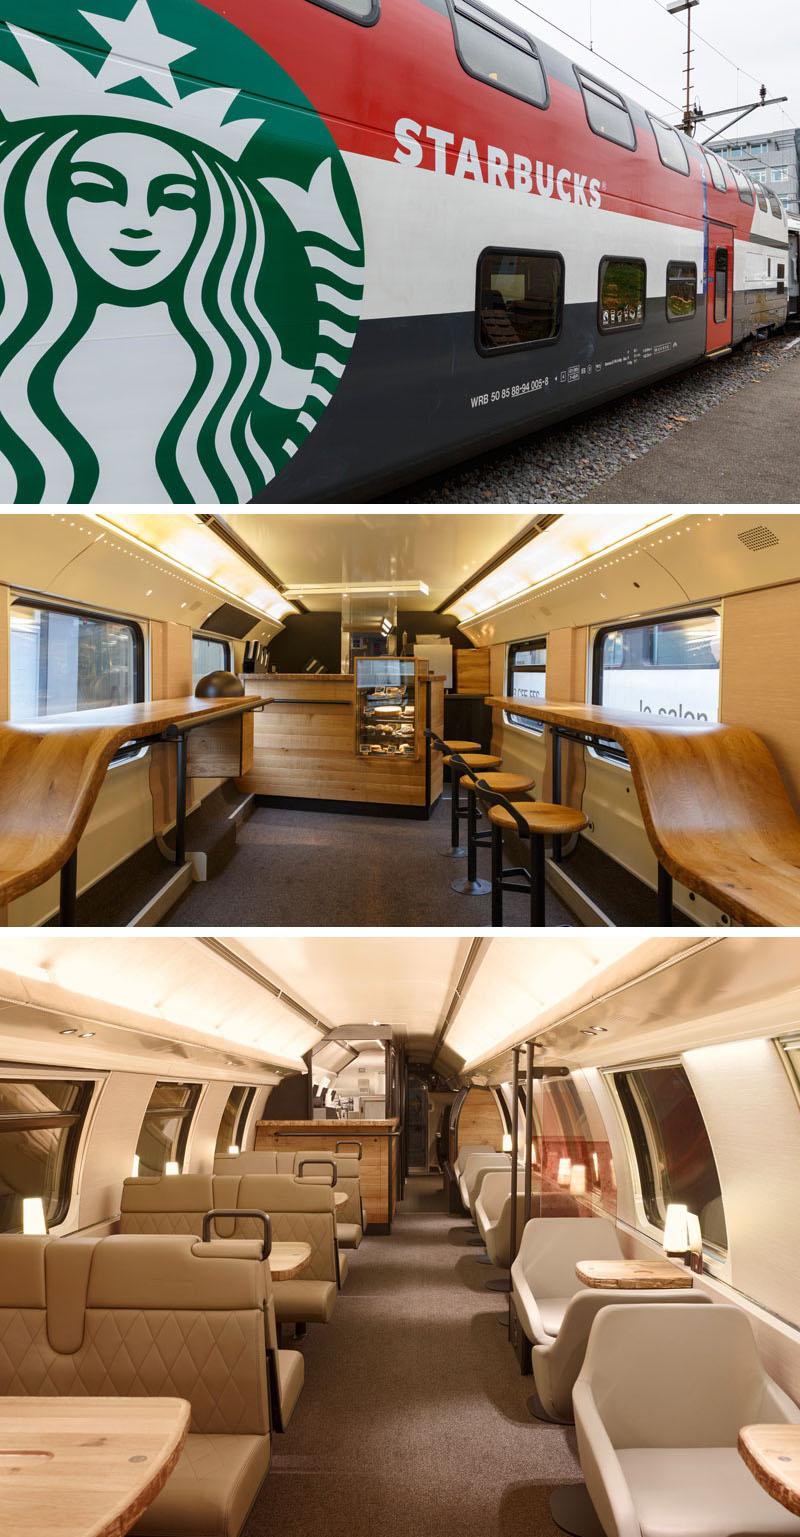 starbucks u vozu svicarska